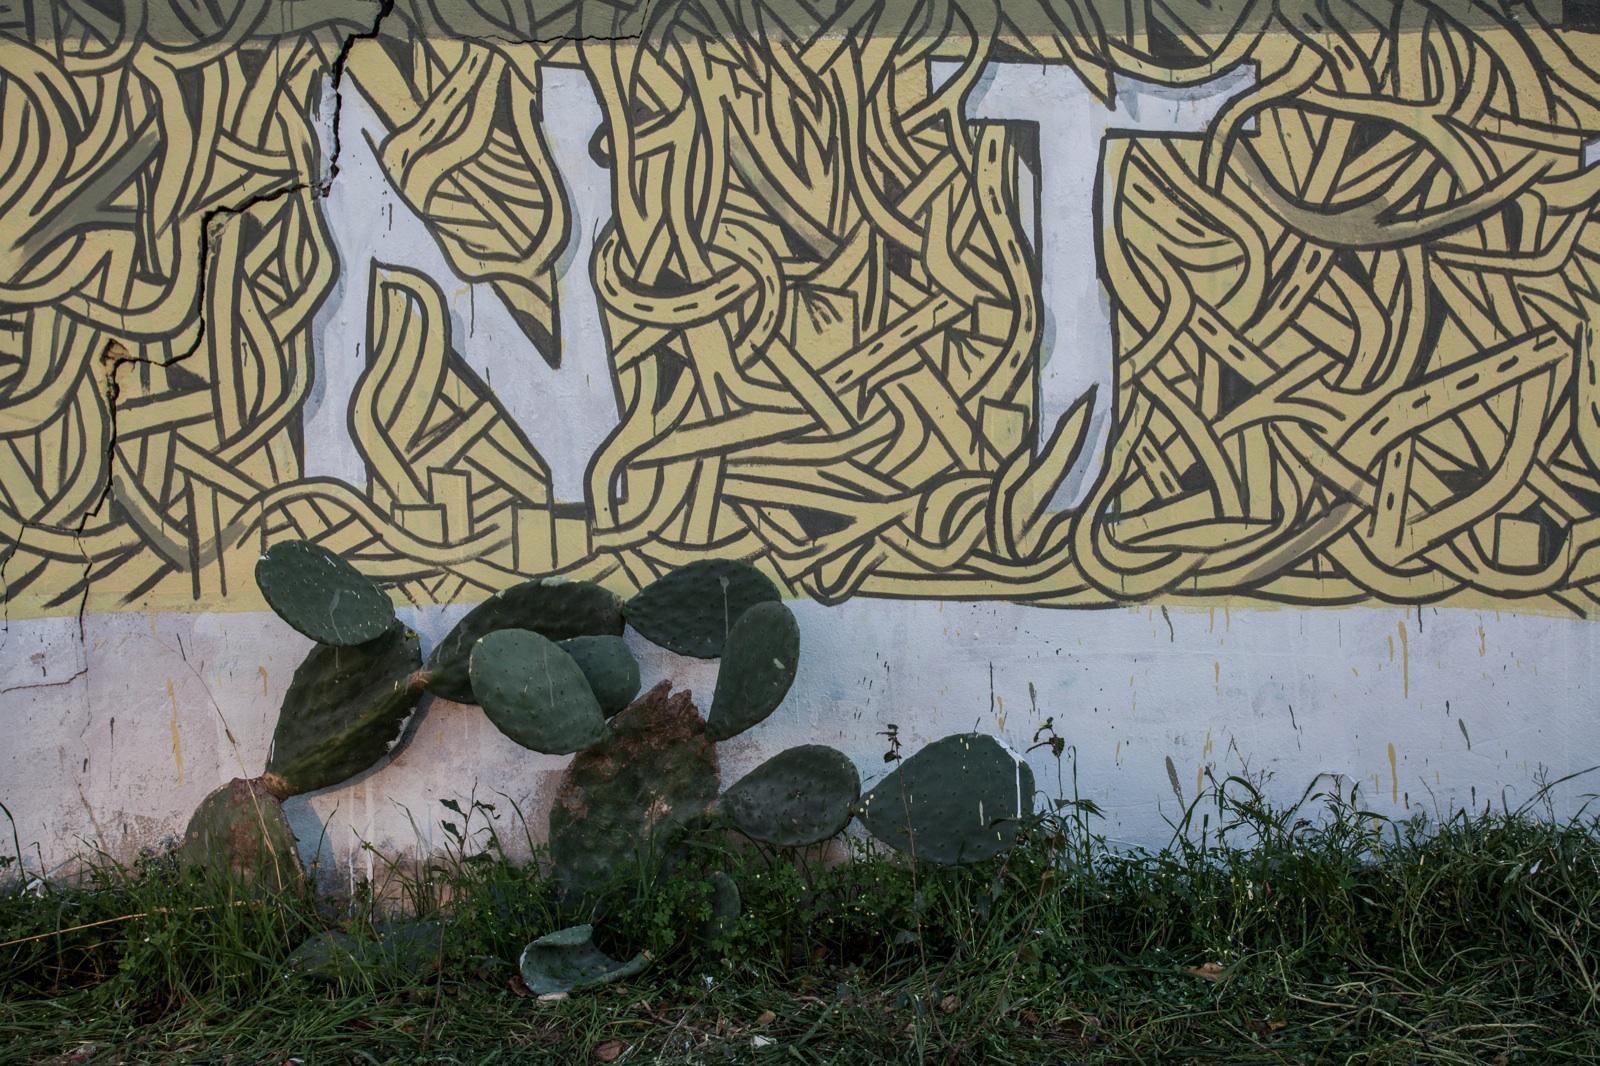 crisa-ciredz-tellas-new-mural-cagliari-17